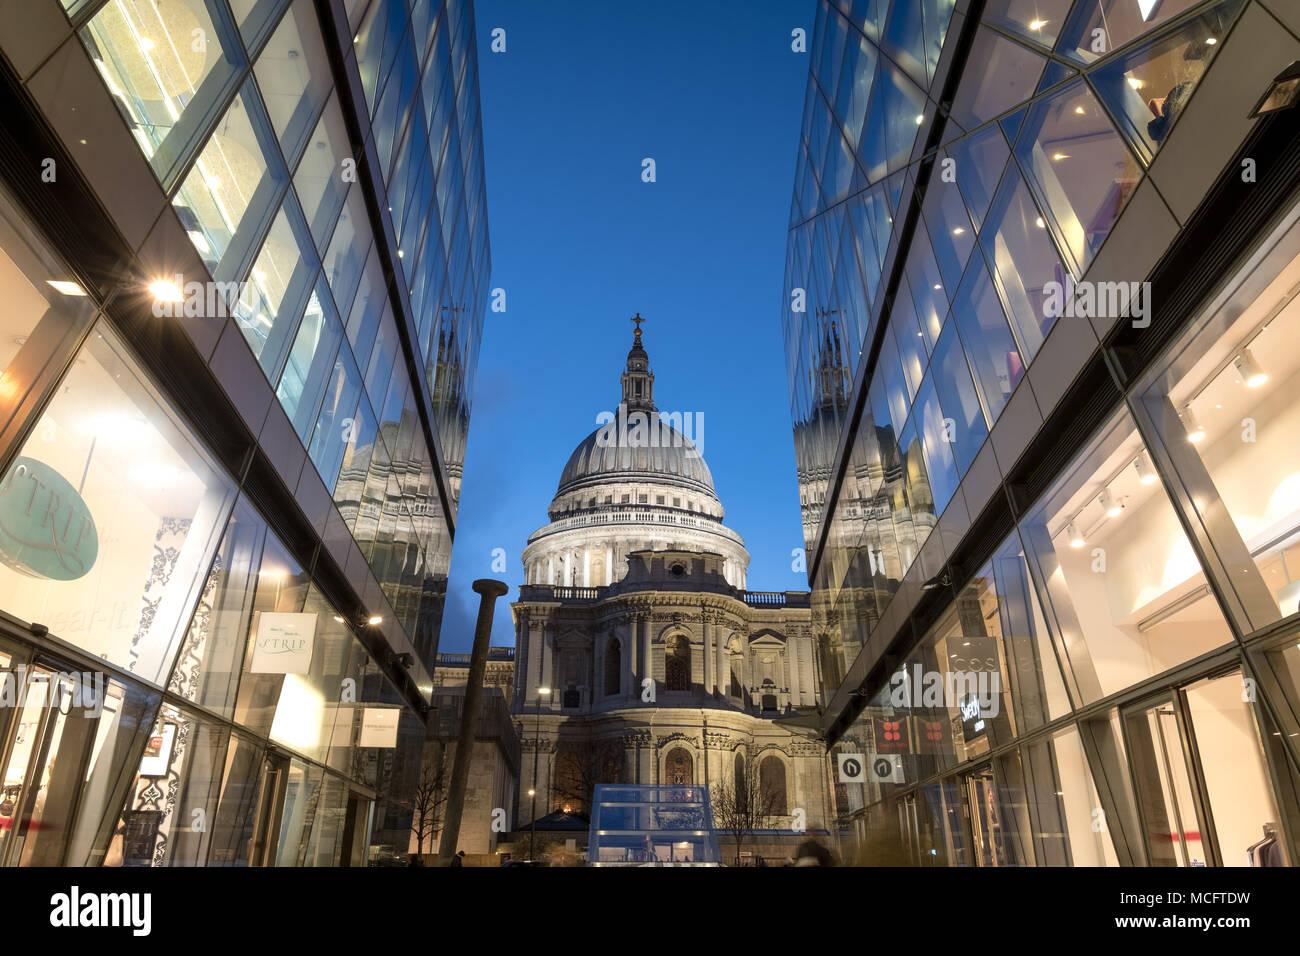 Vista de la cúpula de la Catedral de St Paul. Fotografiado en hora azul de un nuevo cambio, Londres, Reino Unido Foto de stock